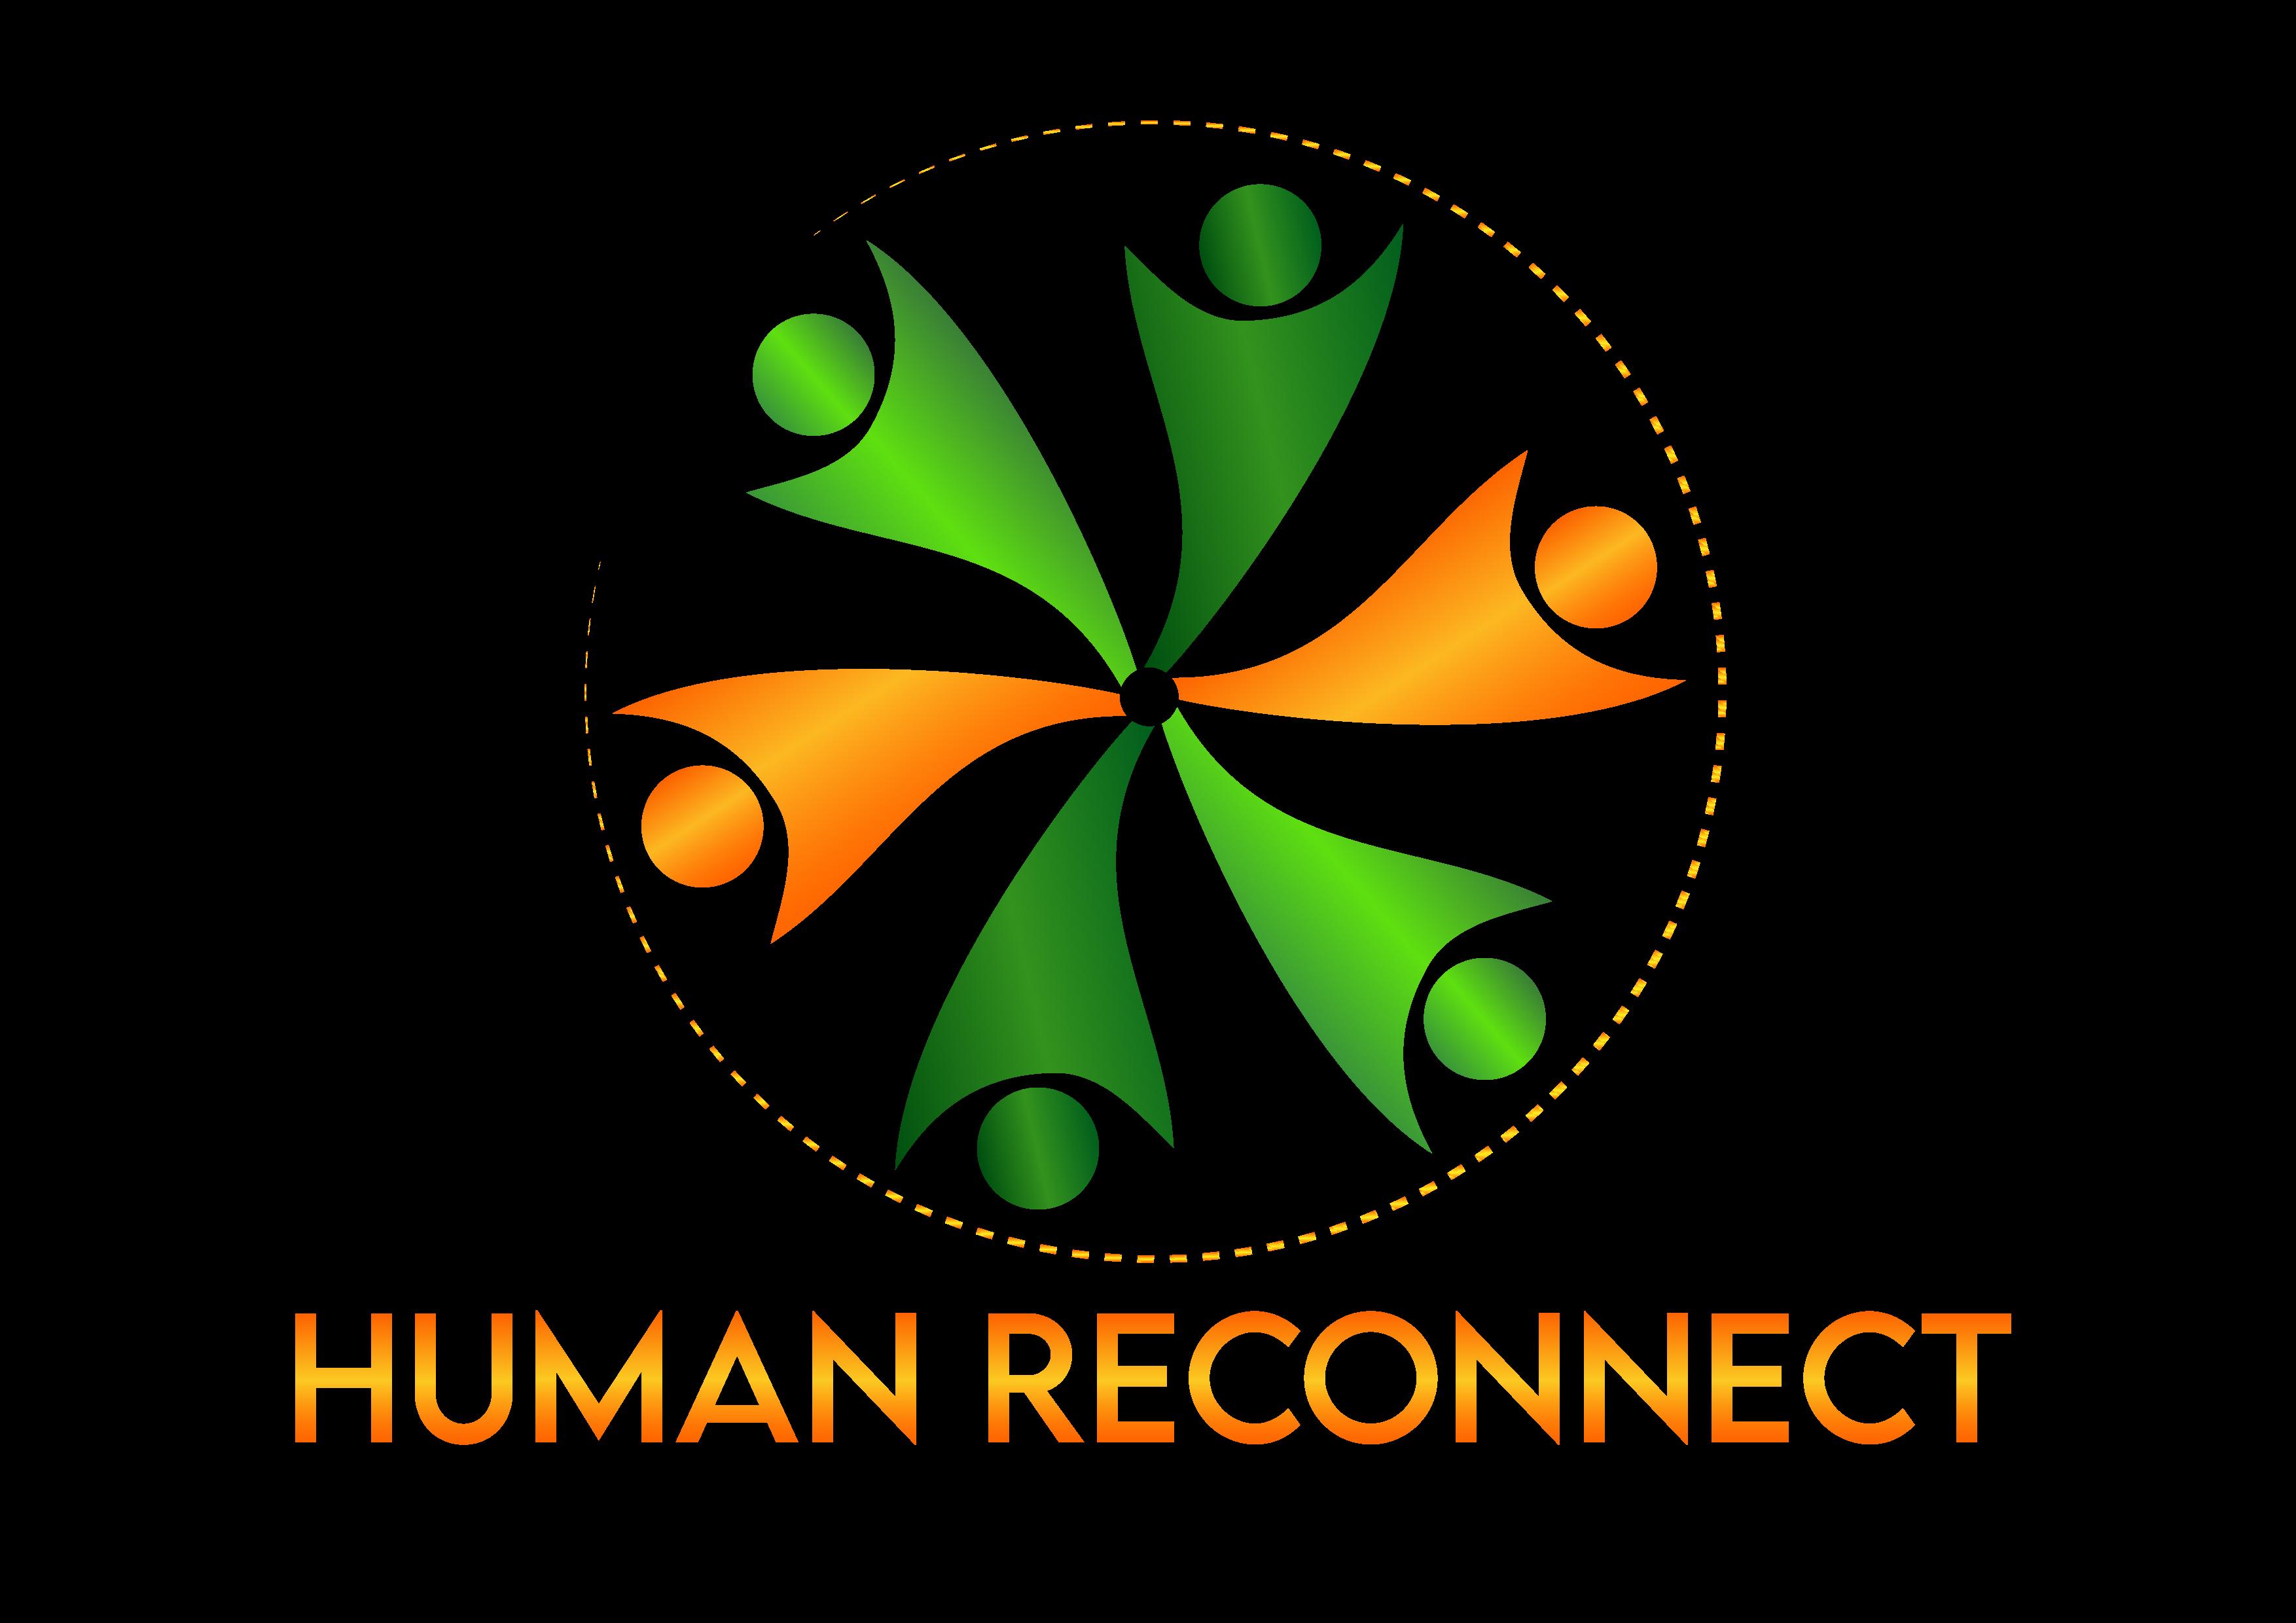 I'll Design 1 Modern Minimalist Logo For You